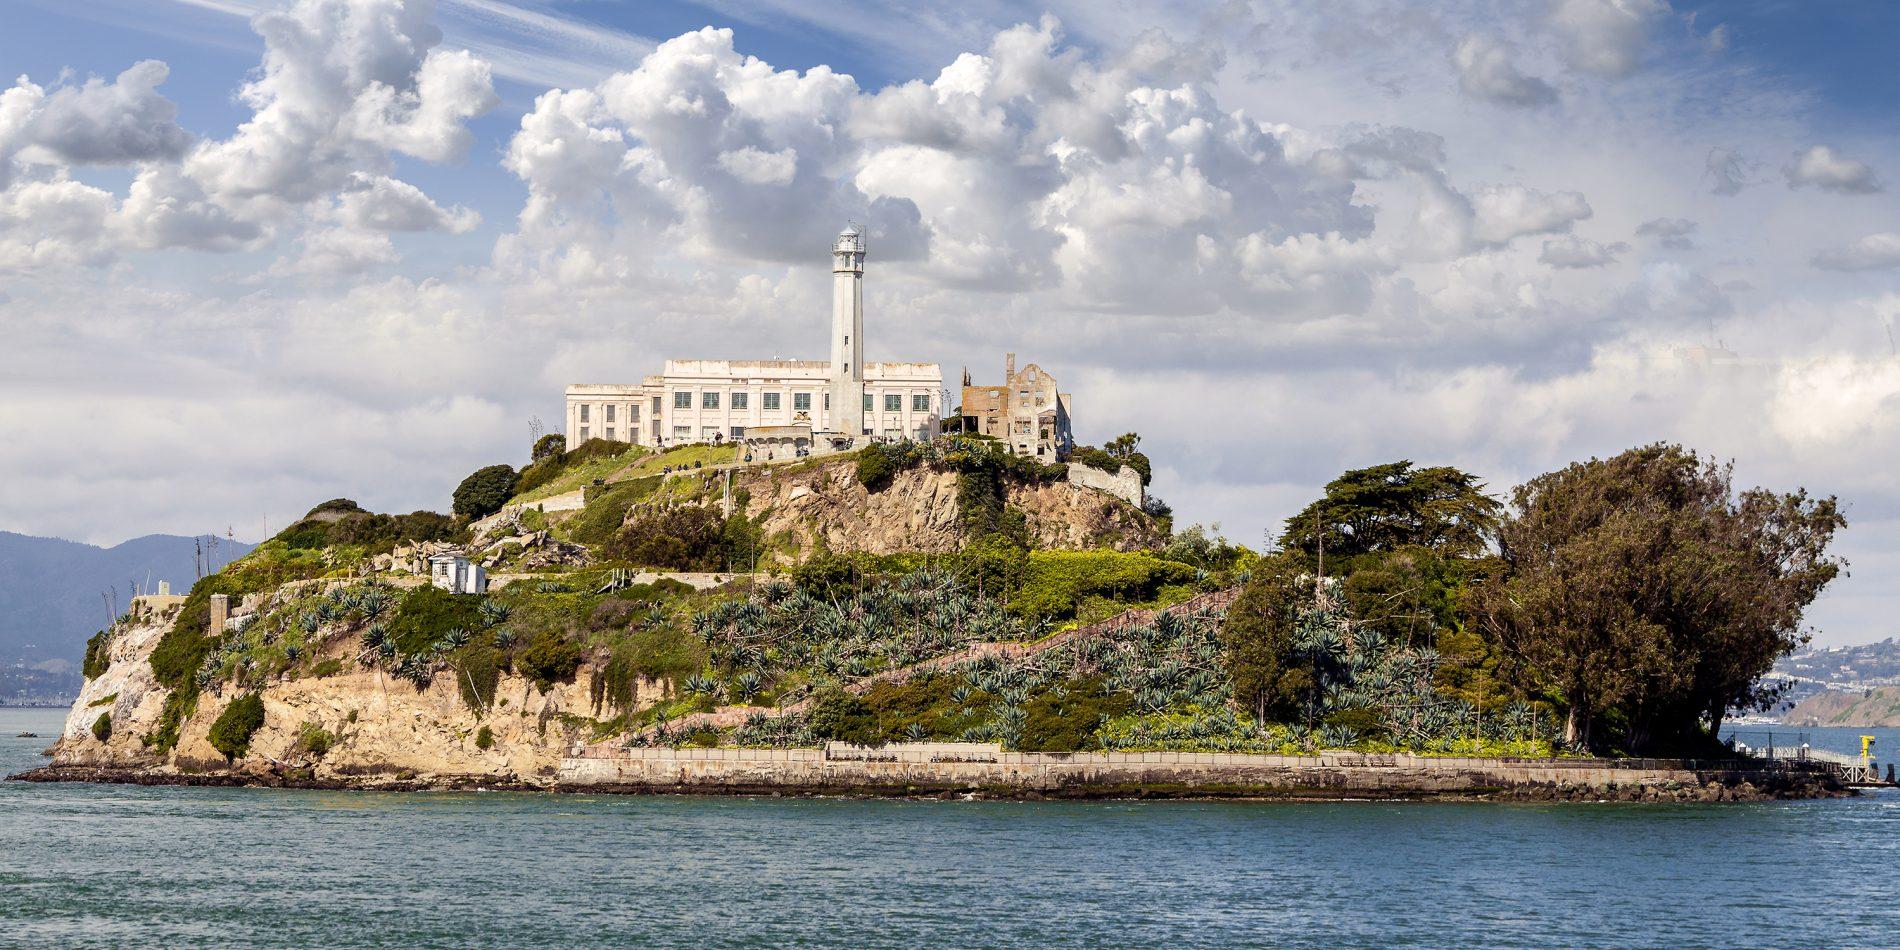 La isla de Alcatraz. qué ver y hacer en San Franciso